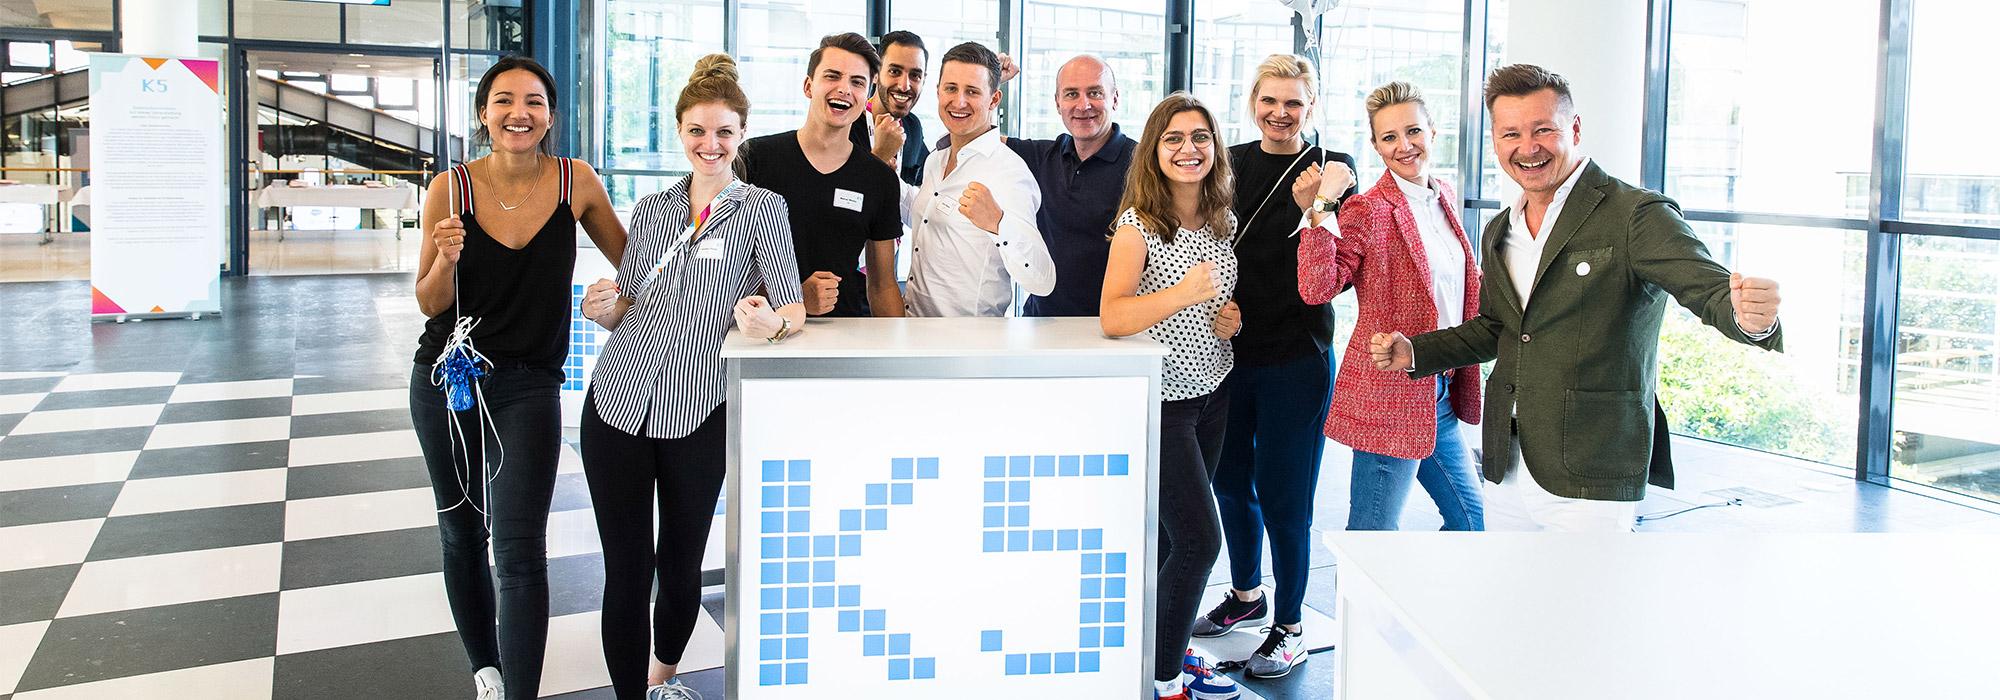 Das K5 Team auf der K5 Konferenz